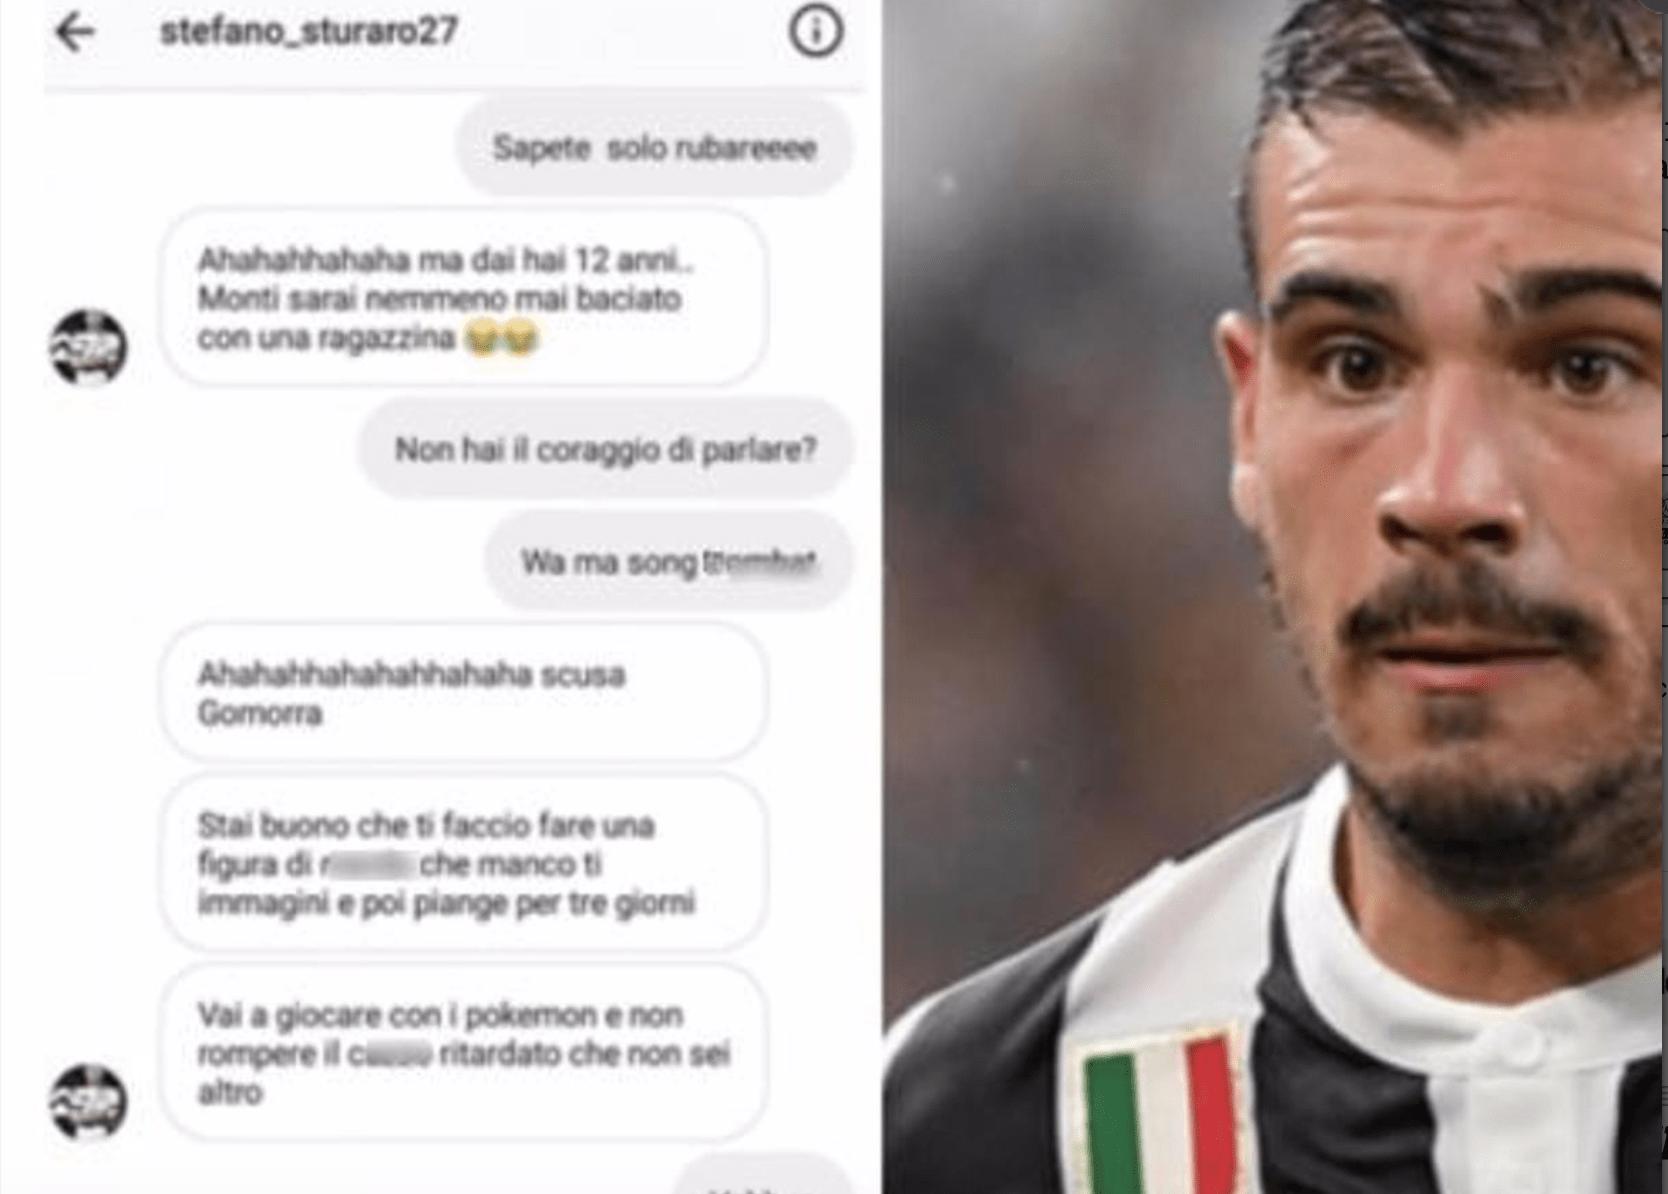 Stefano Sturaro della Juventus litiga con un tifoso napoletano di 12 anni: 'Ritardato che non sei altro'